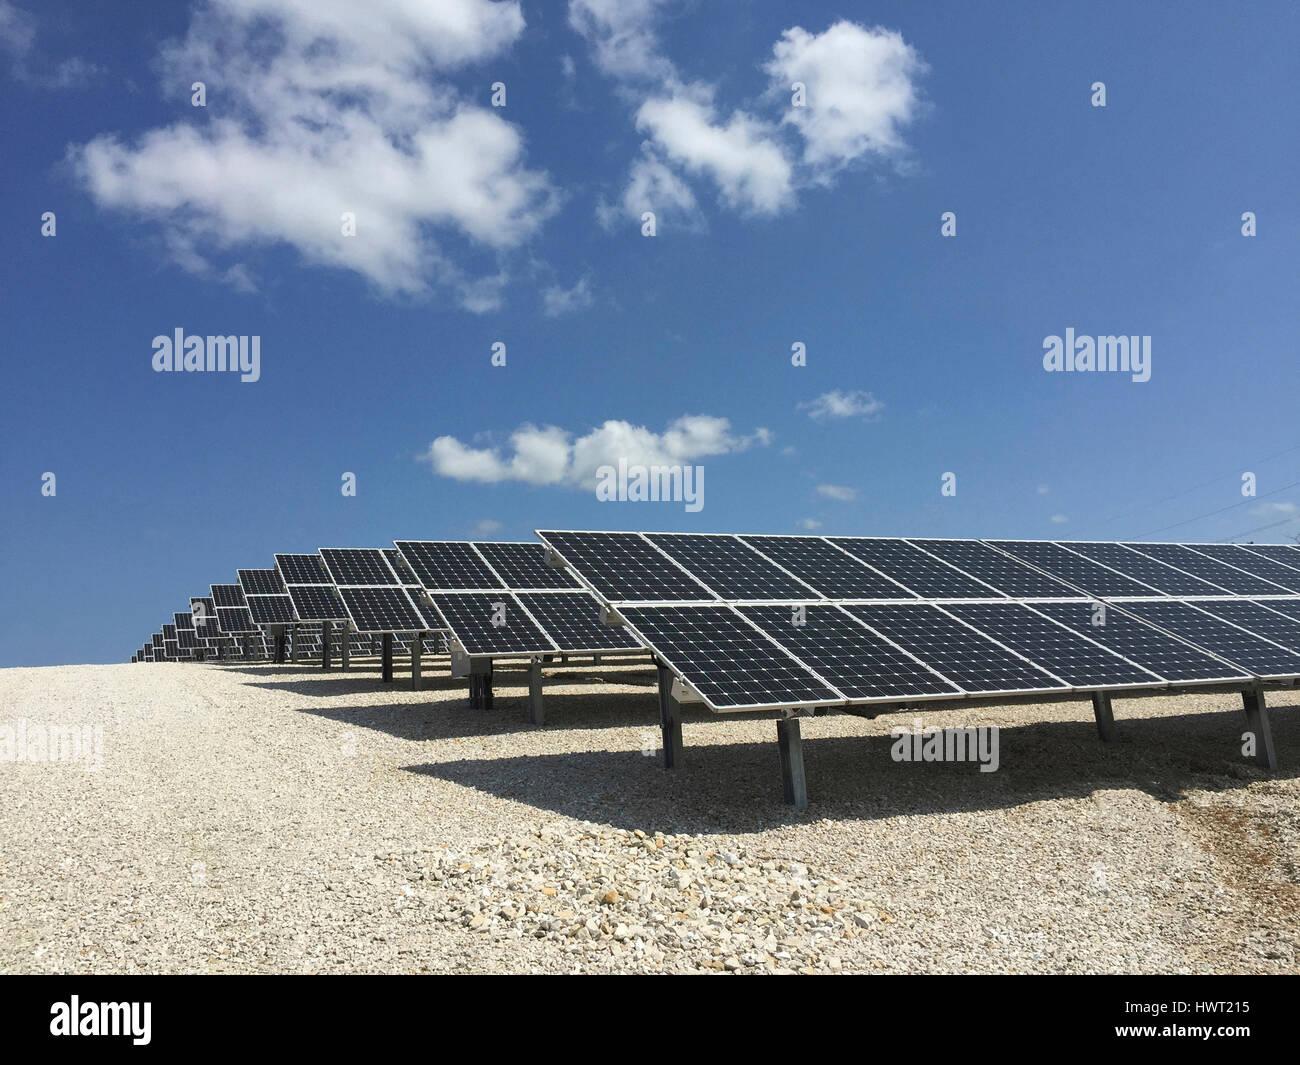 Paneles solares en el campo contra el cielo azul durante el día soleado Imagen De Stock